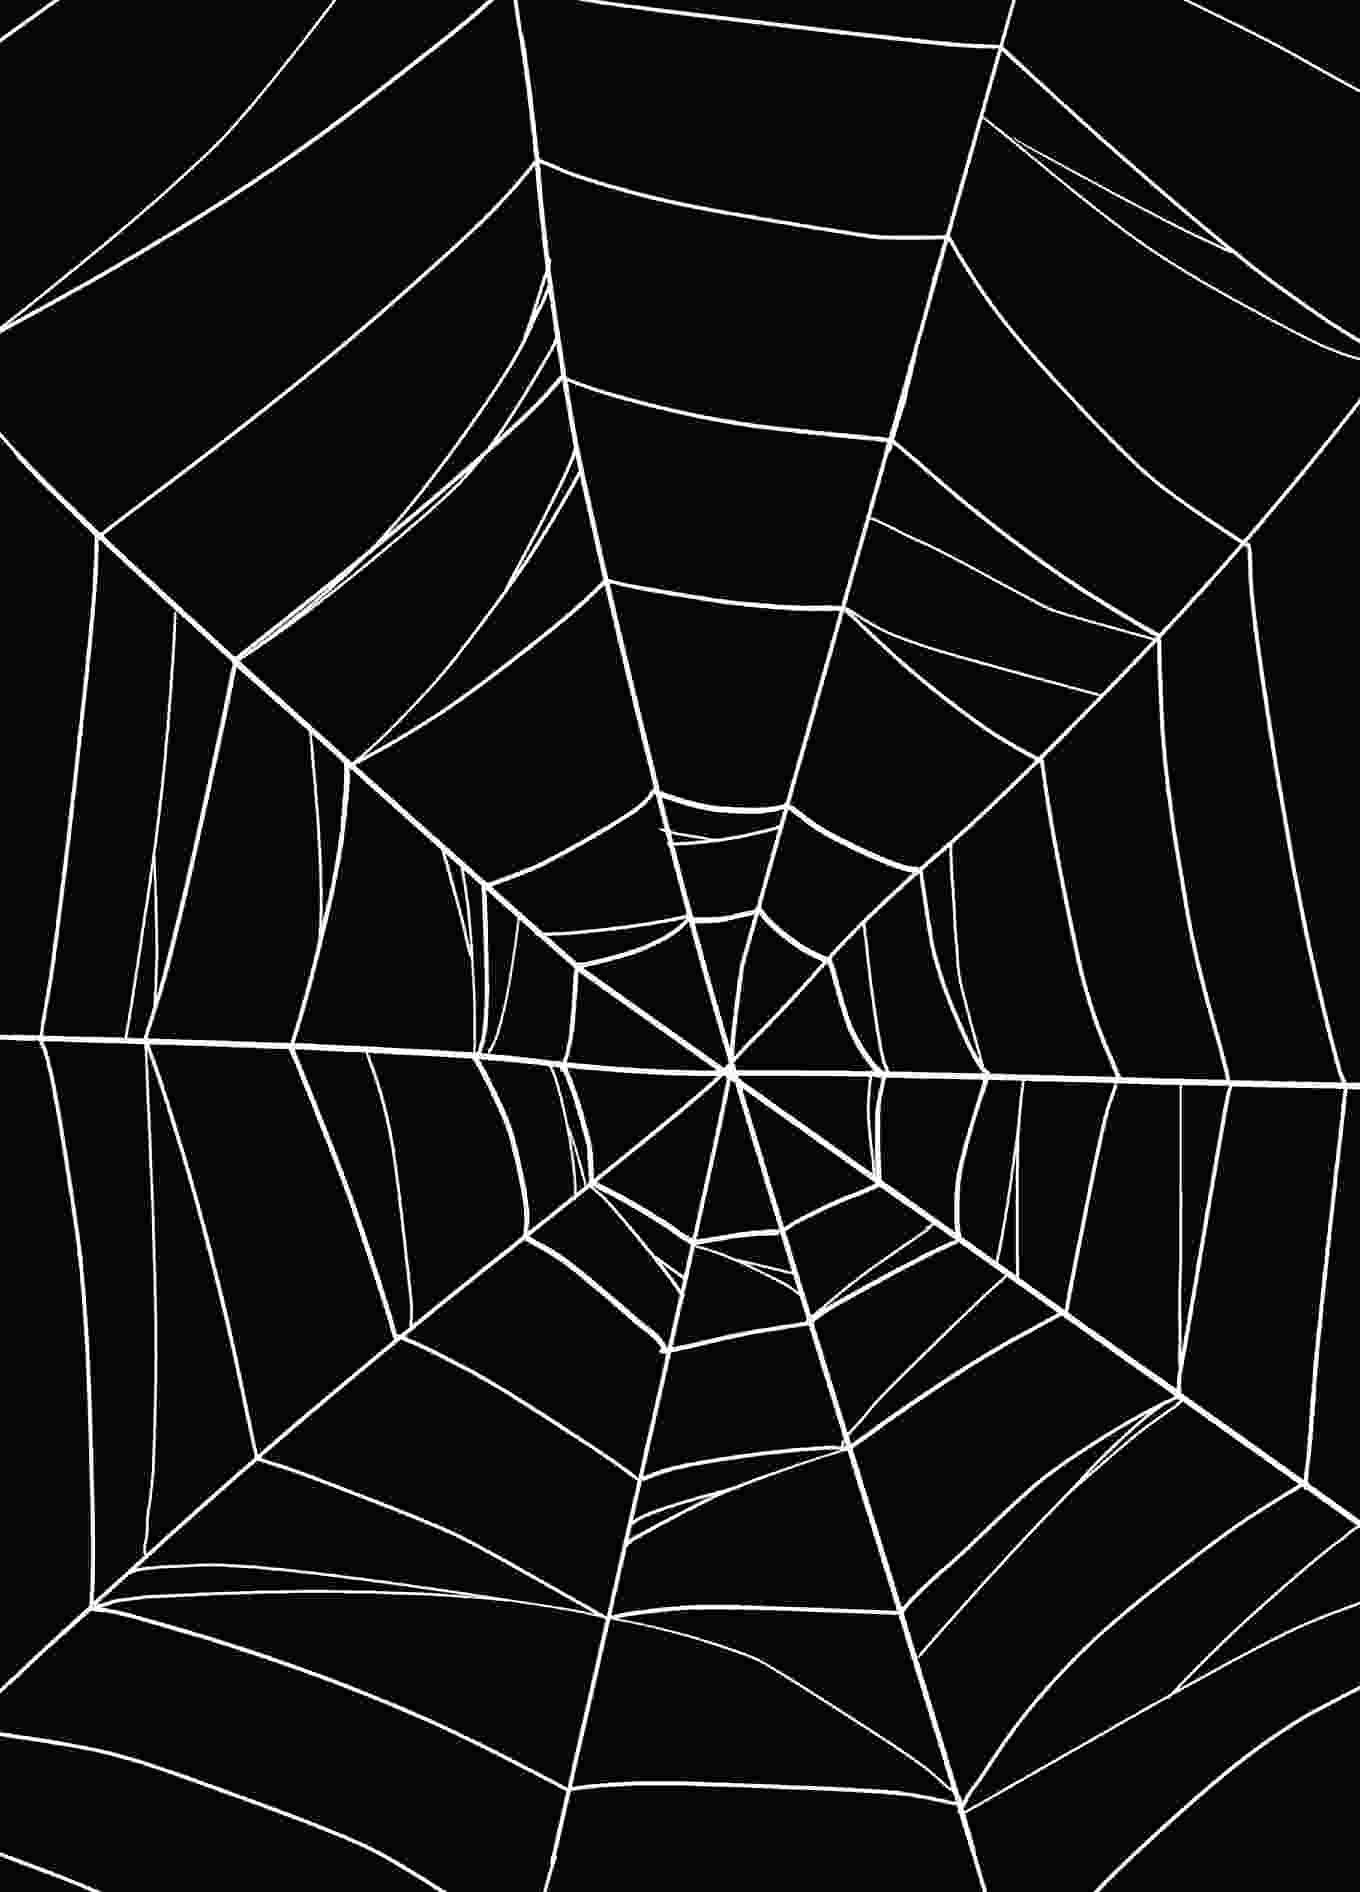 糸 蜘蛛 の ワクチンと『蜘蛛の糸』─お釈迦さまも嘆く「自分の国さえ助かればいい」浅ましさ